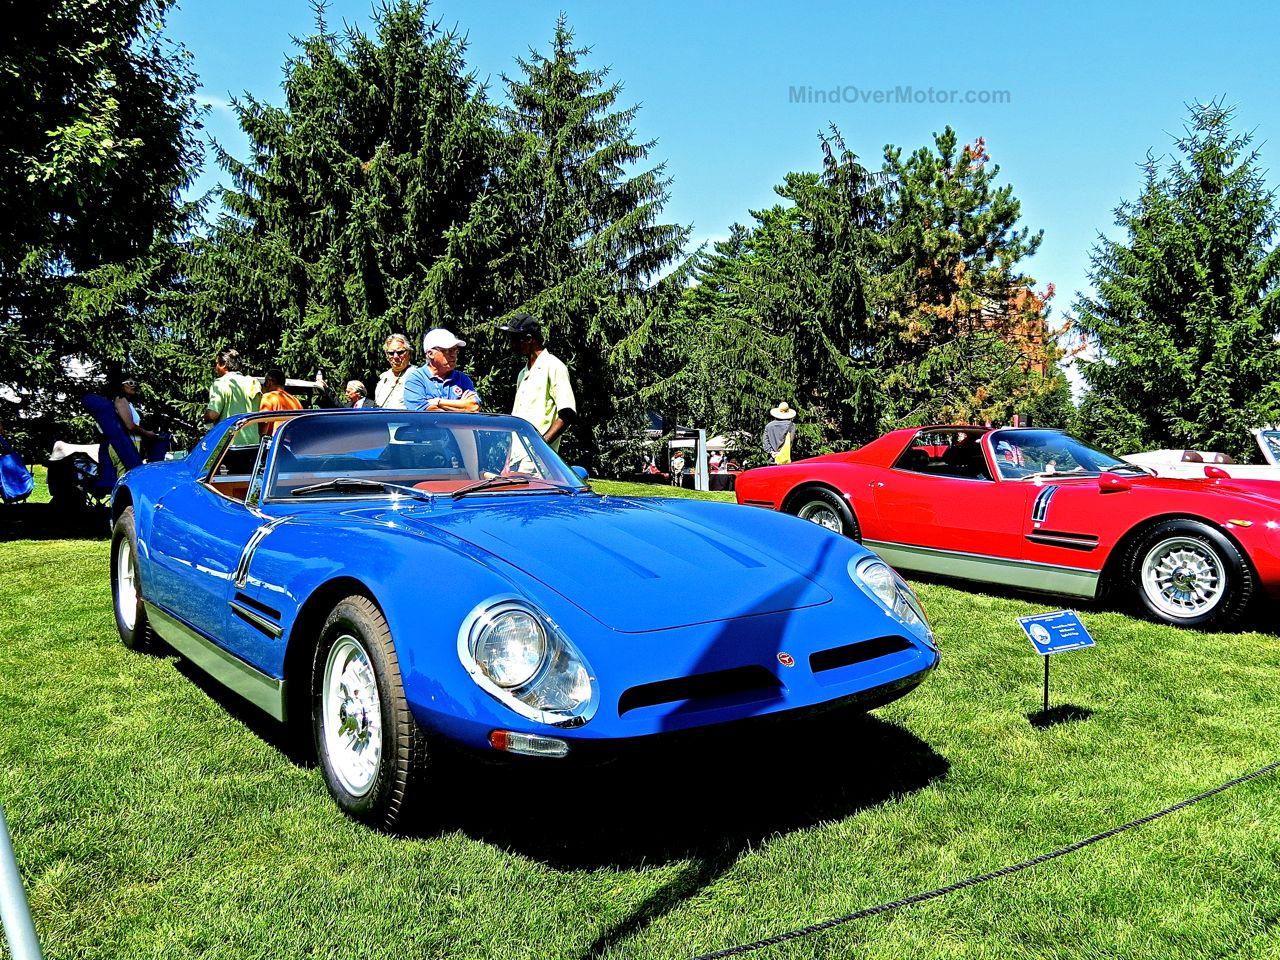 Bizzarrini 5300 Spyder Trio Concours of America 6